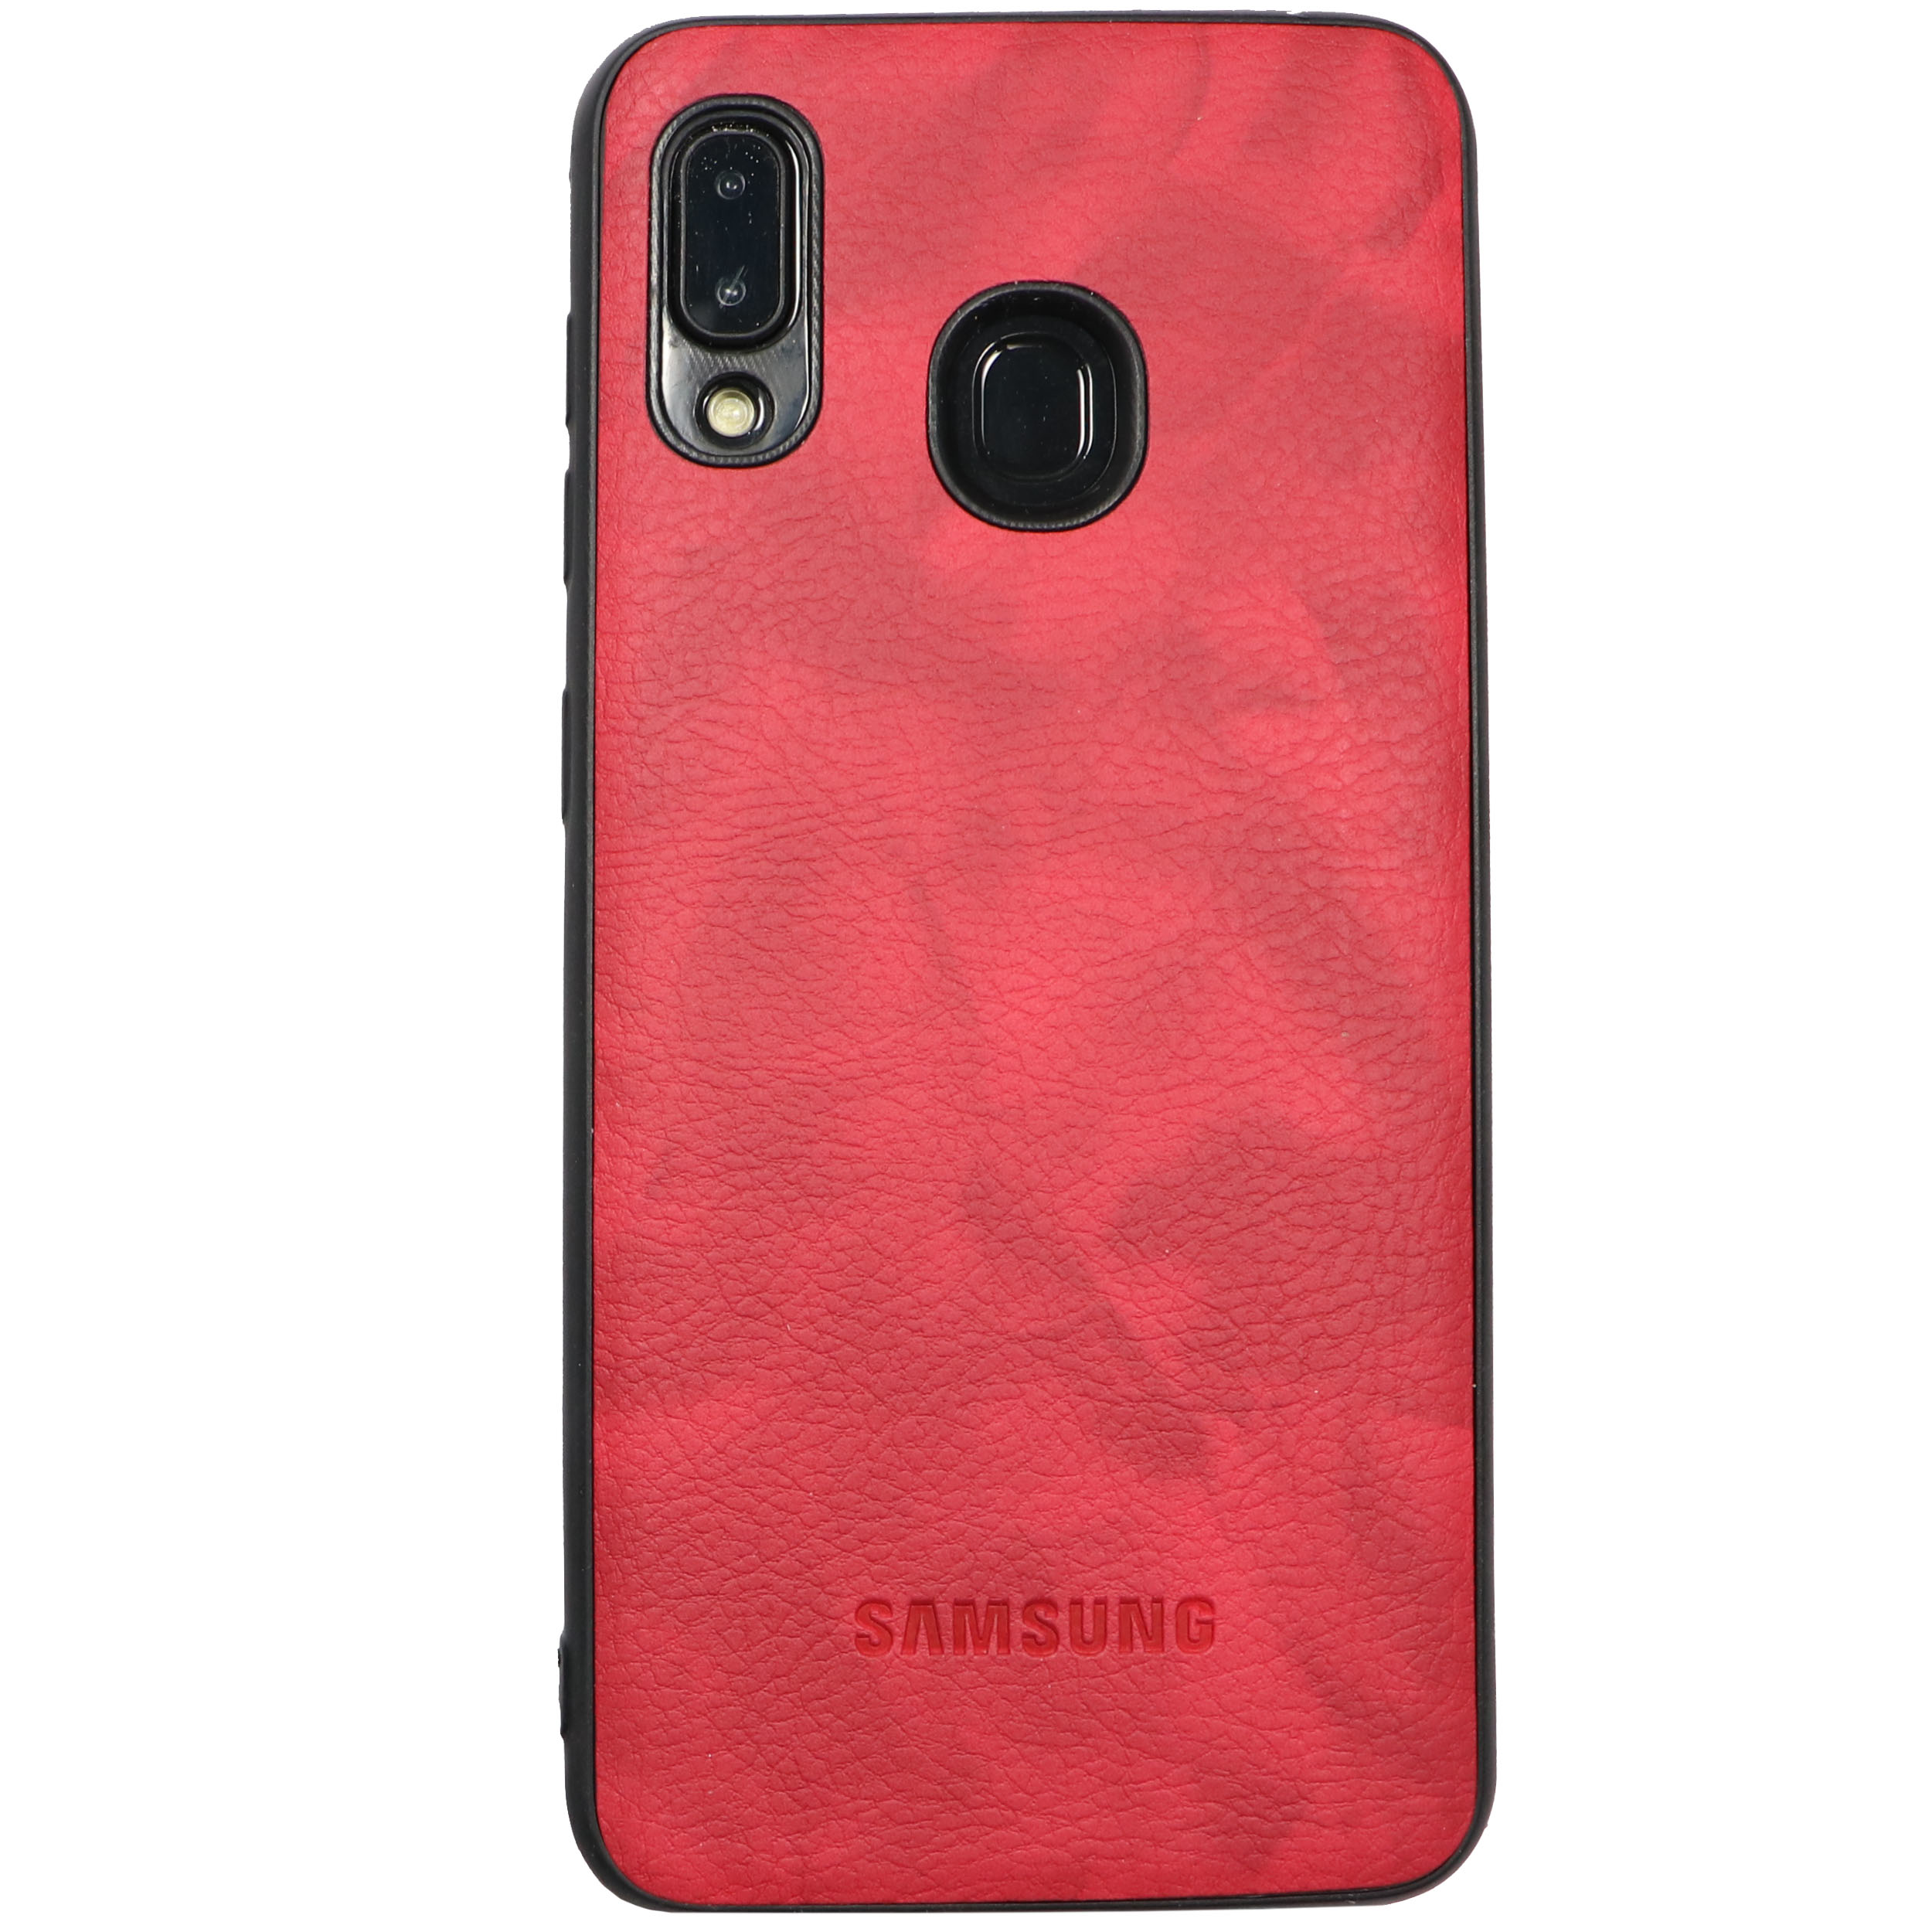 خرید اینترنتی                     کاور مدل A4 مناسب برای گوشی موبایل سامسونگ Galaxy A20/A30              با قیمت مناسب